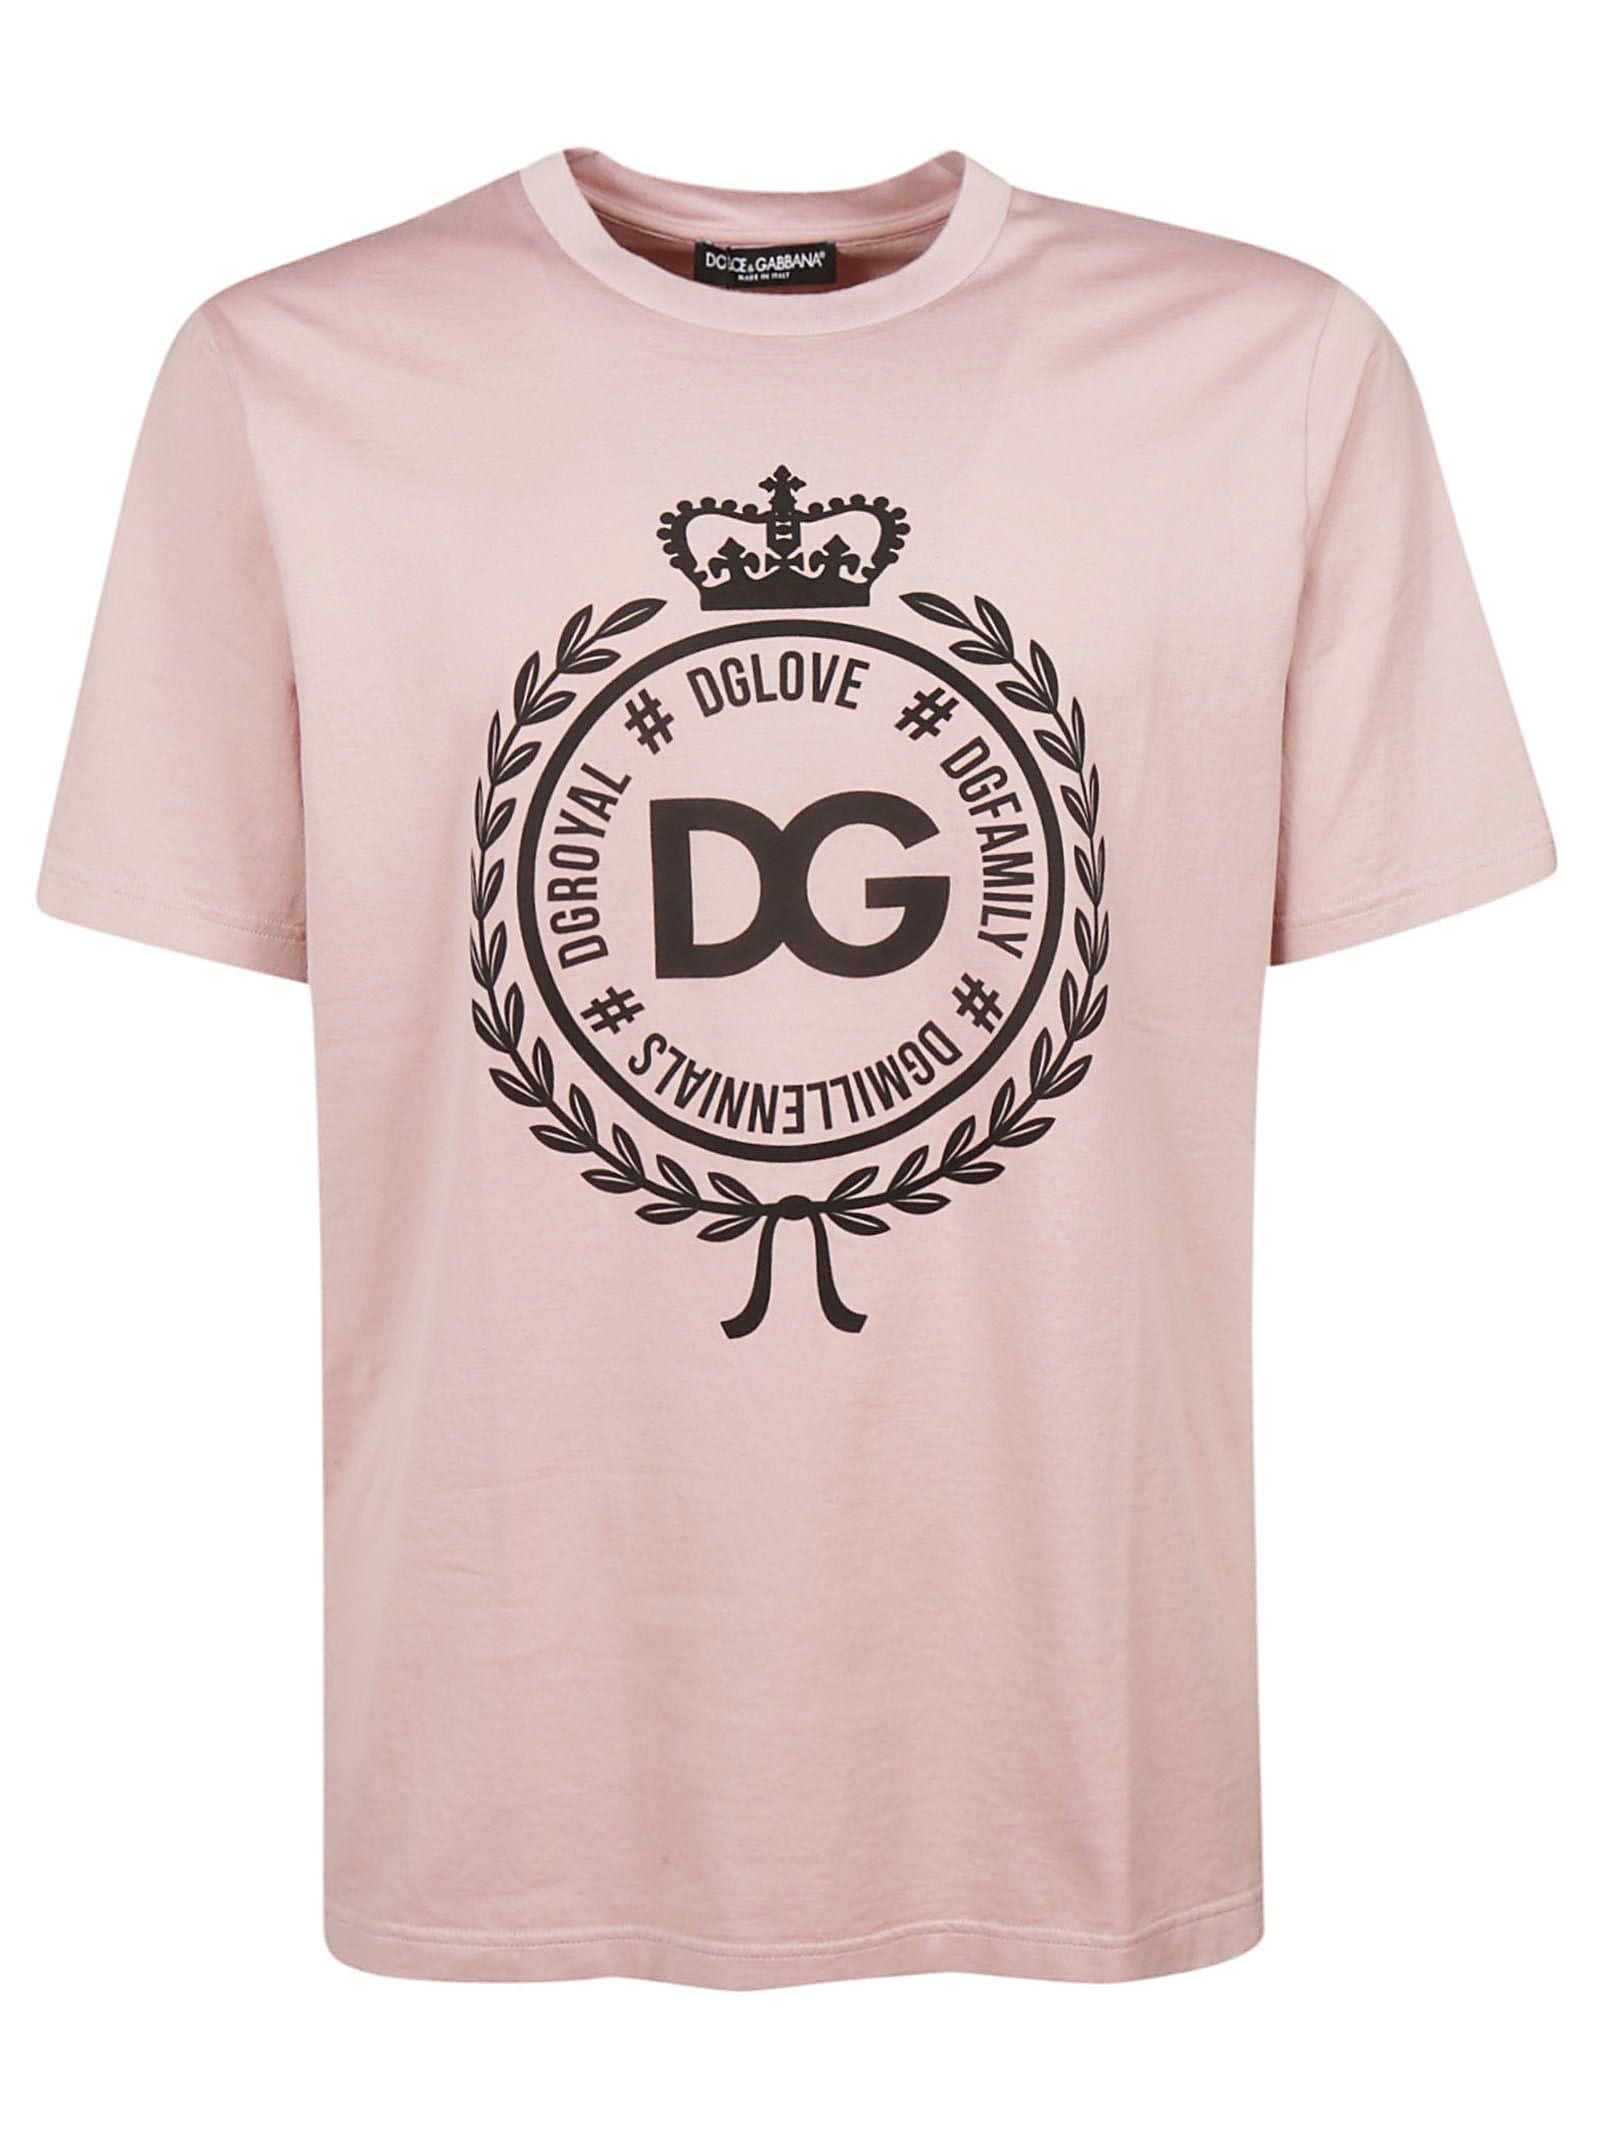 c4ed8b1f1add Dolce   Gabbana Dolce   Gabbana Dg Crest Logo T-shirt - Pink ...